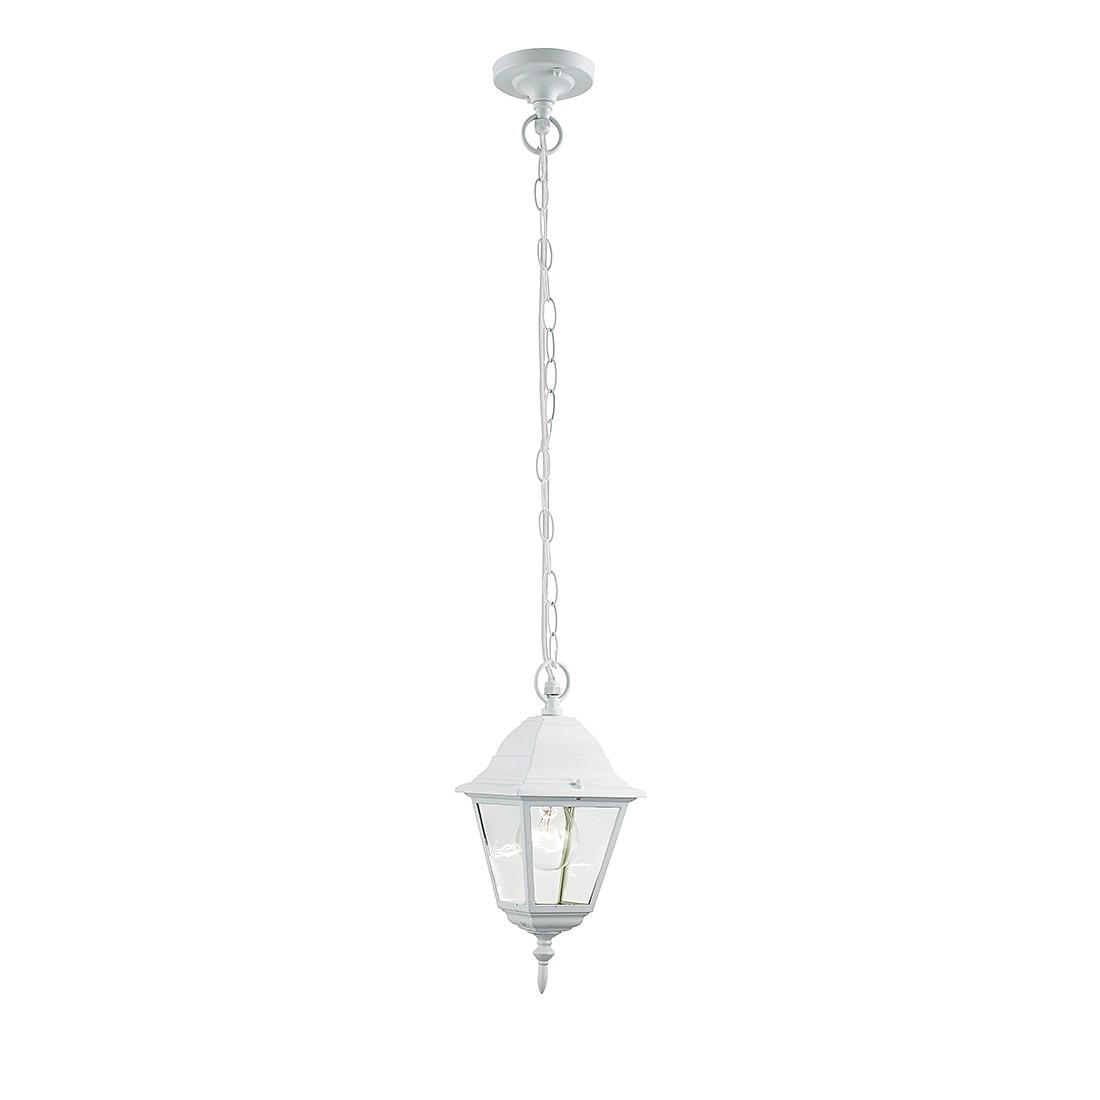 EEK A++, Außenleuchten Sally – Metall/Metall/Glas – Silber – 1-flammig, Brilliant bestellen